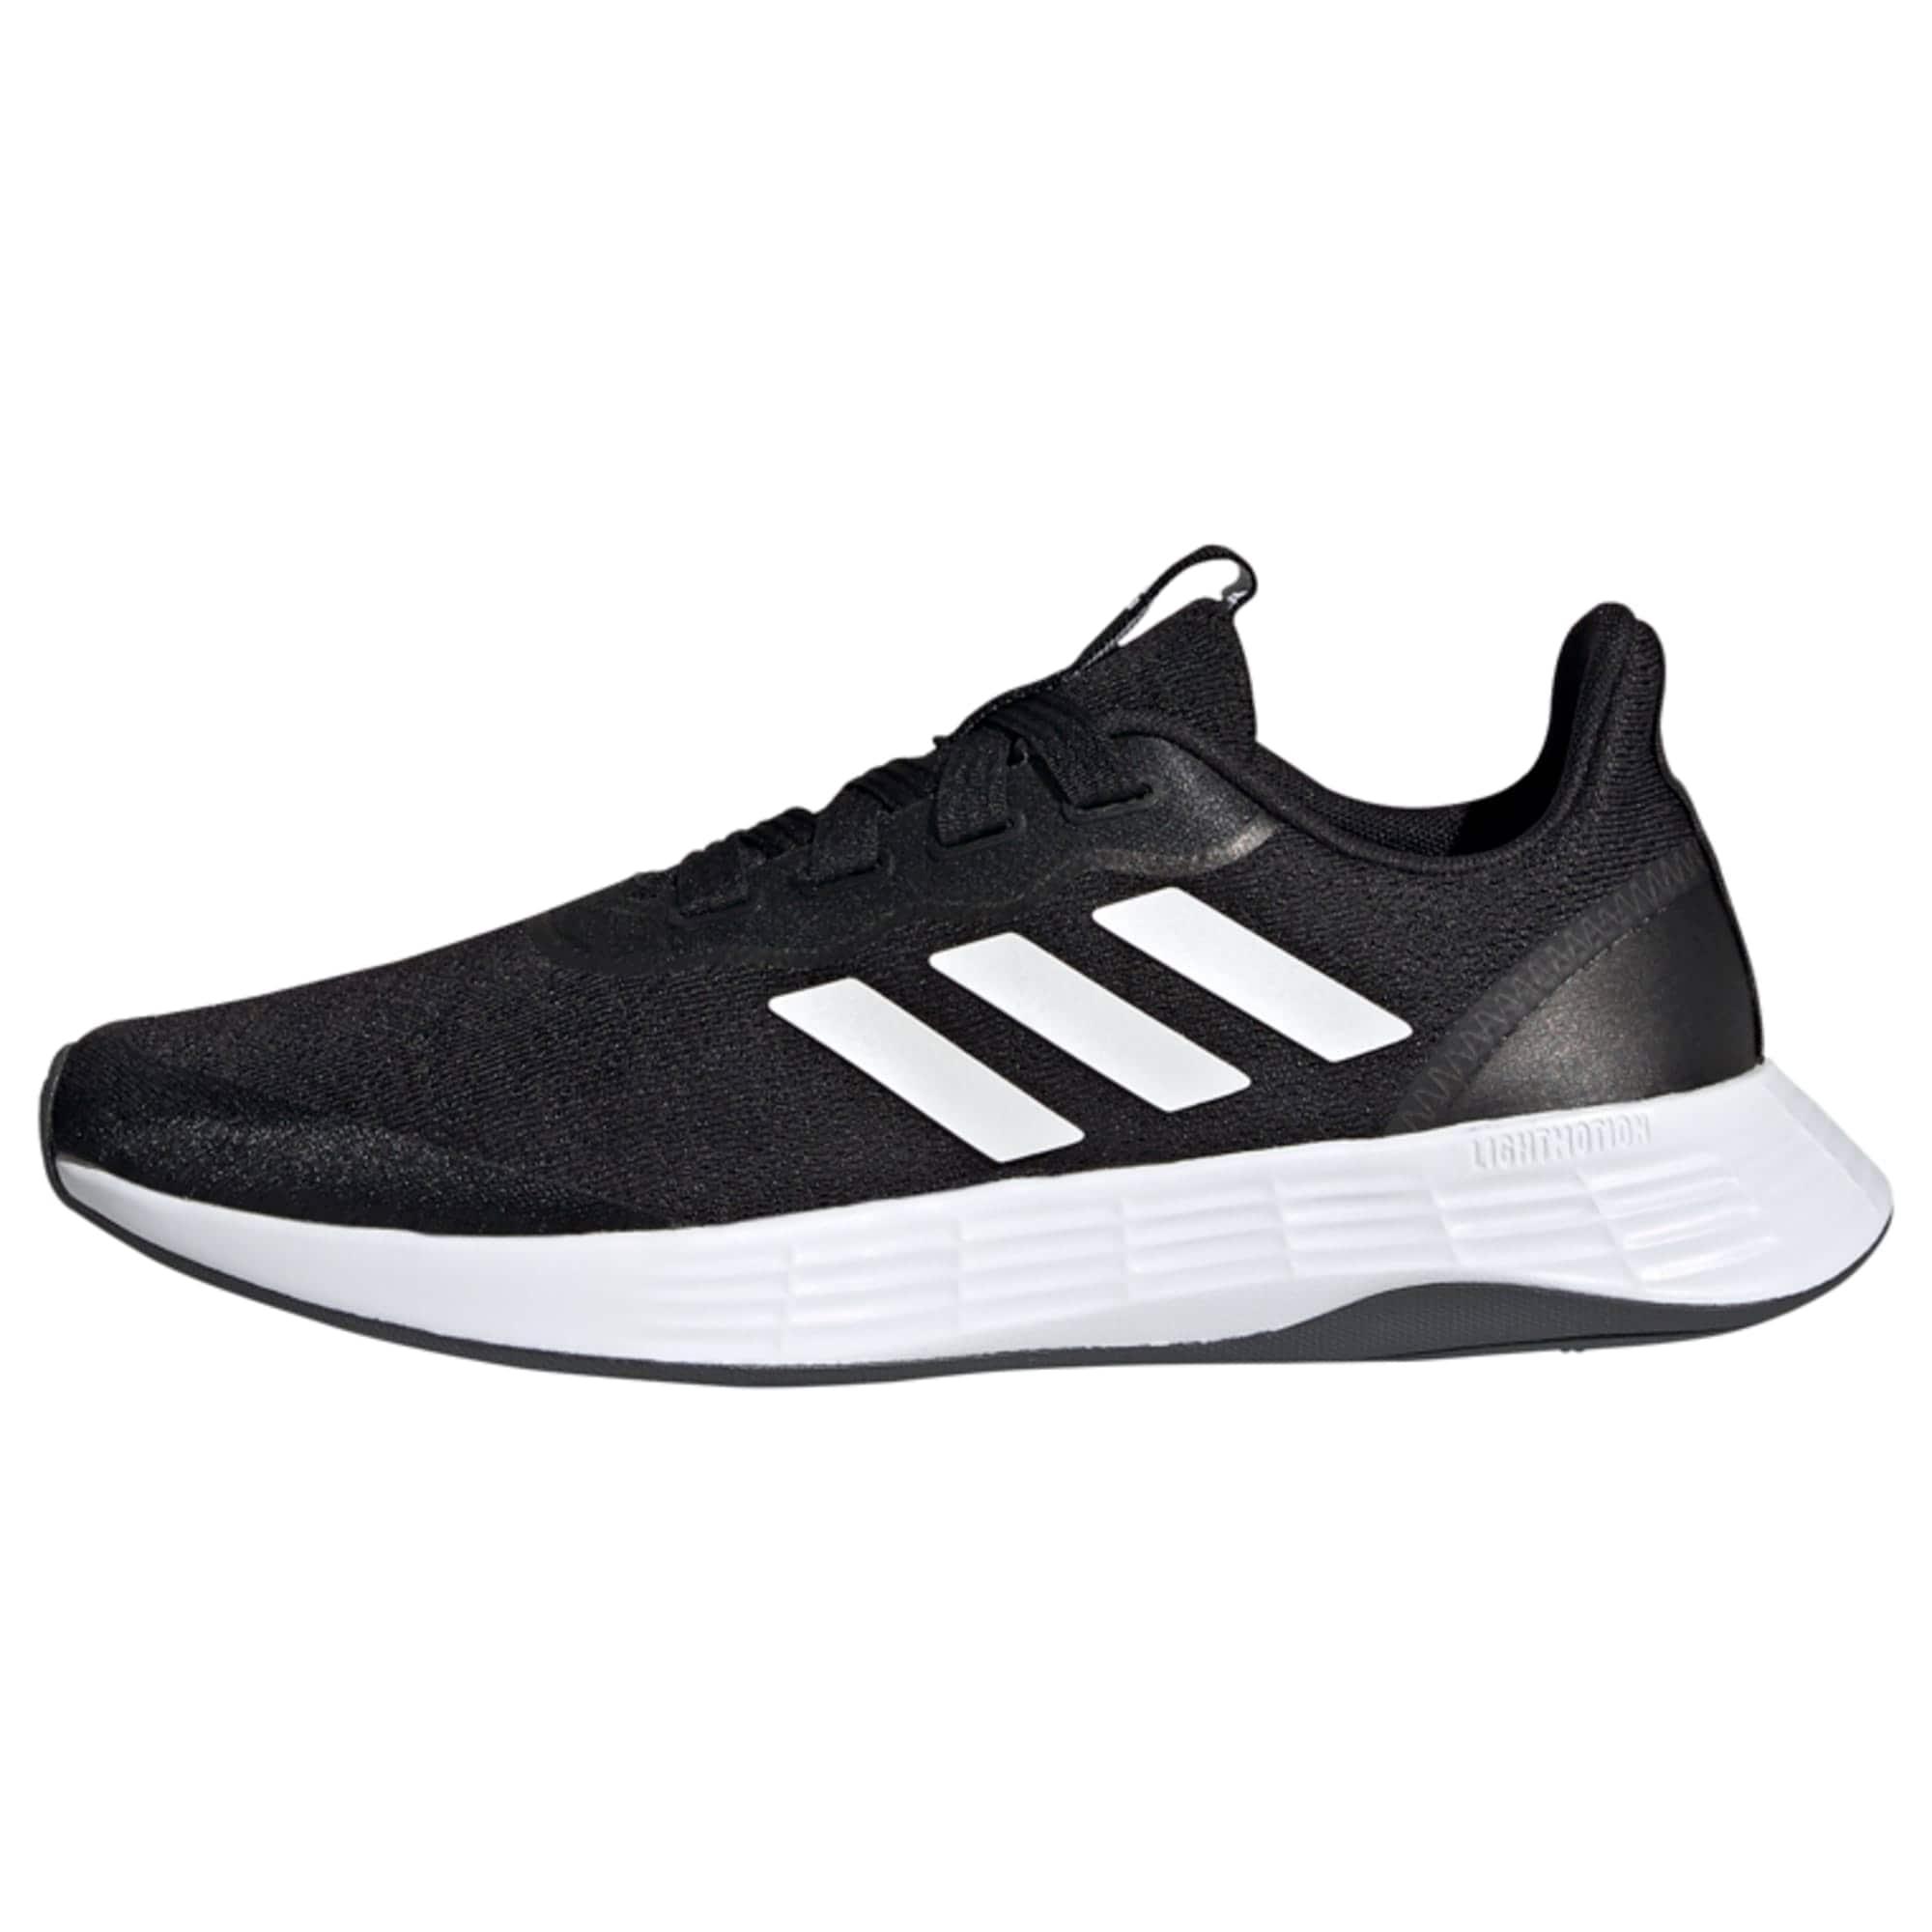 ADIDAS PERFORMANCE Chaussure de course  - Noir - Taille: 6 - female